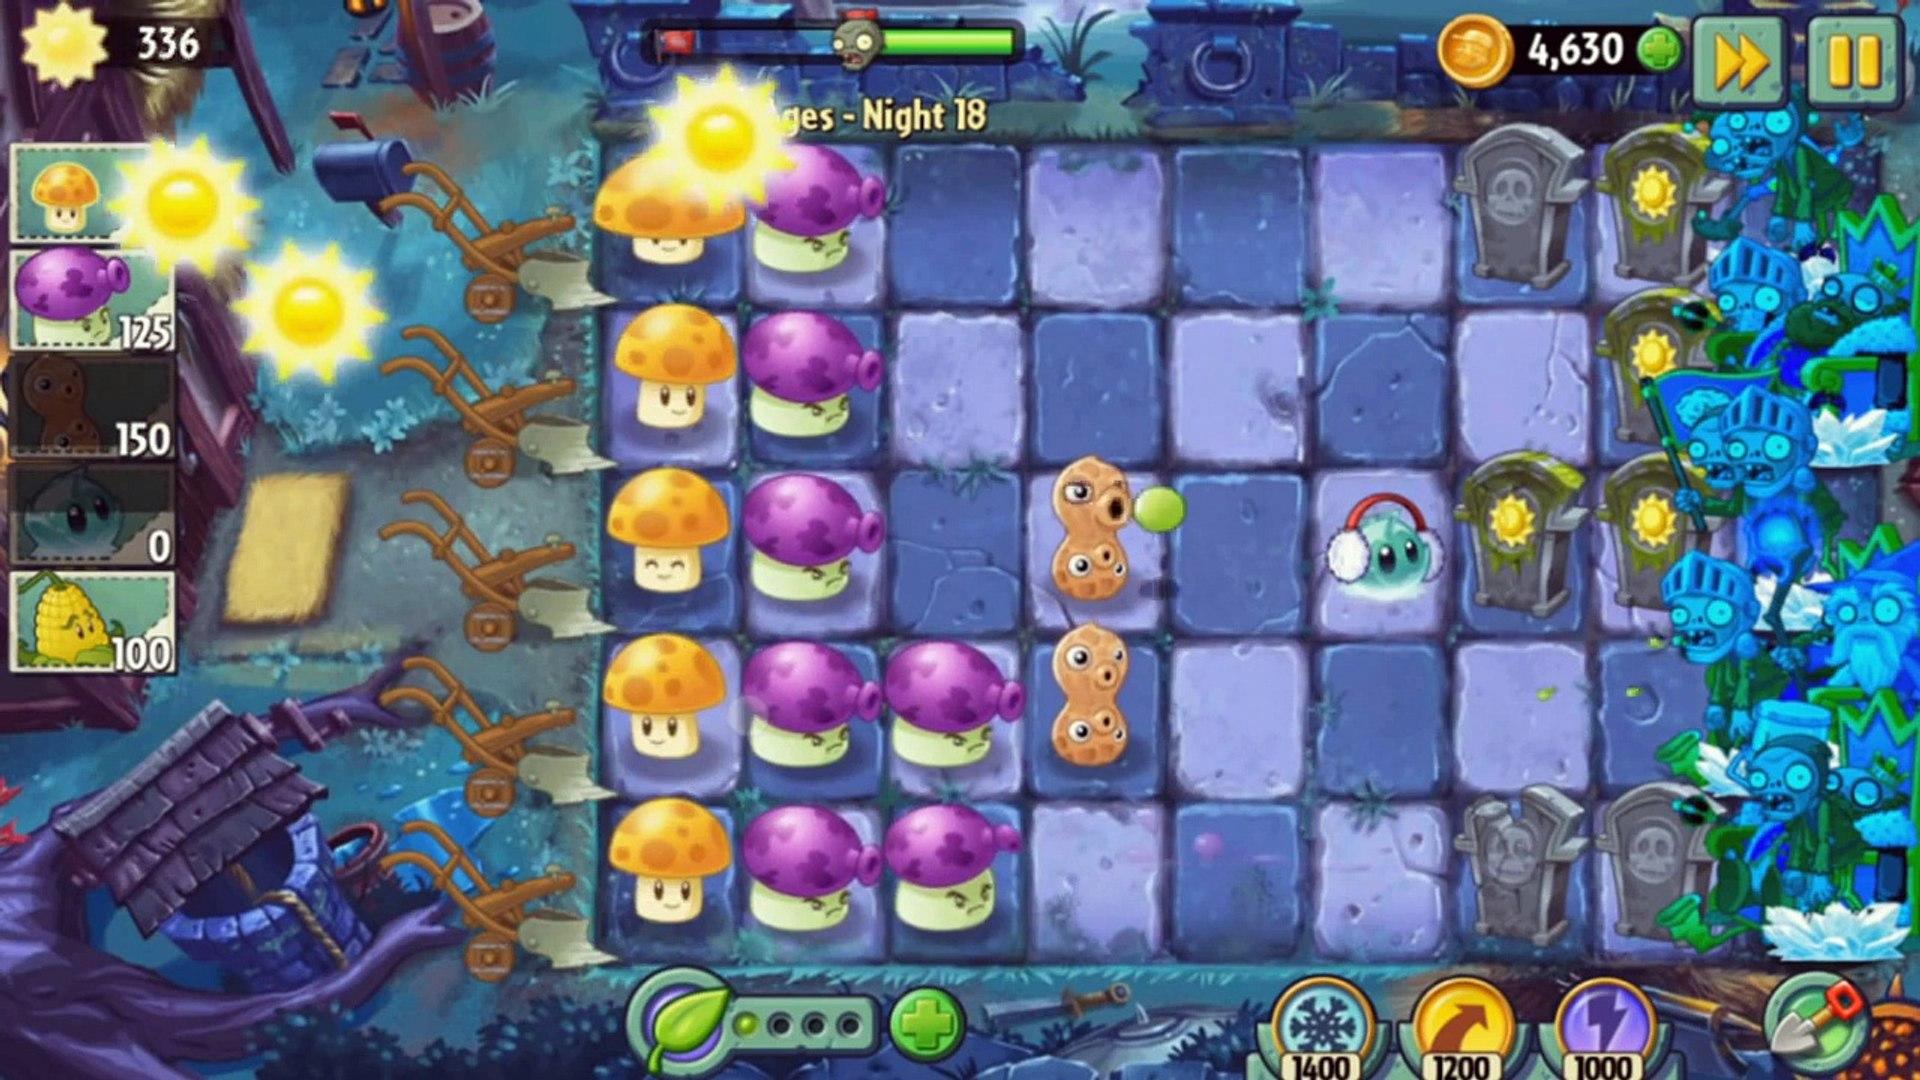 ч.131 Plants vs. Zombies 2 - Dark Ages - Day 18